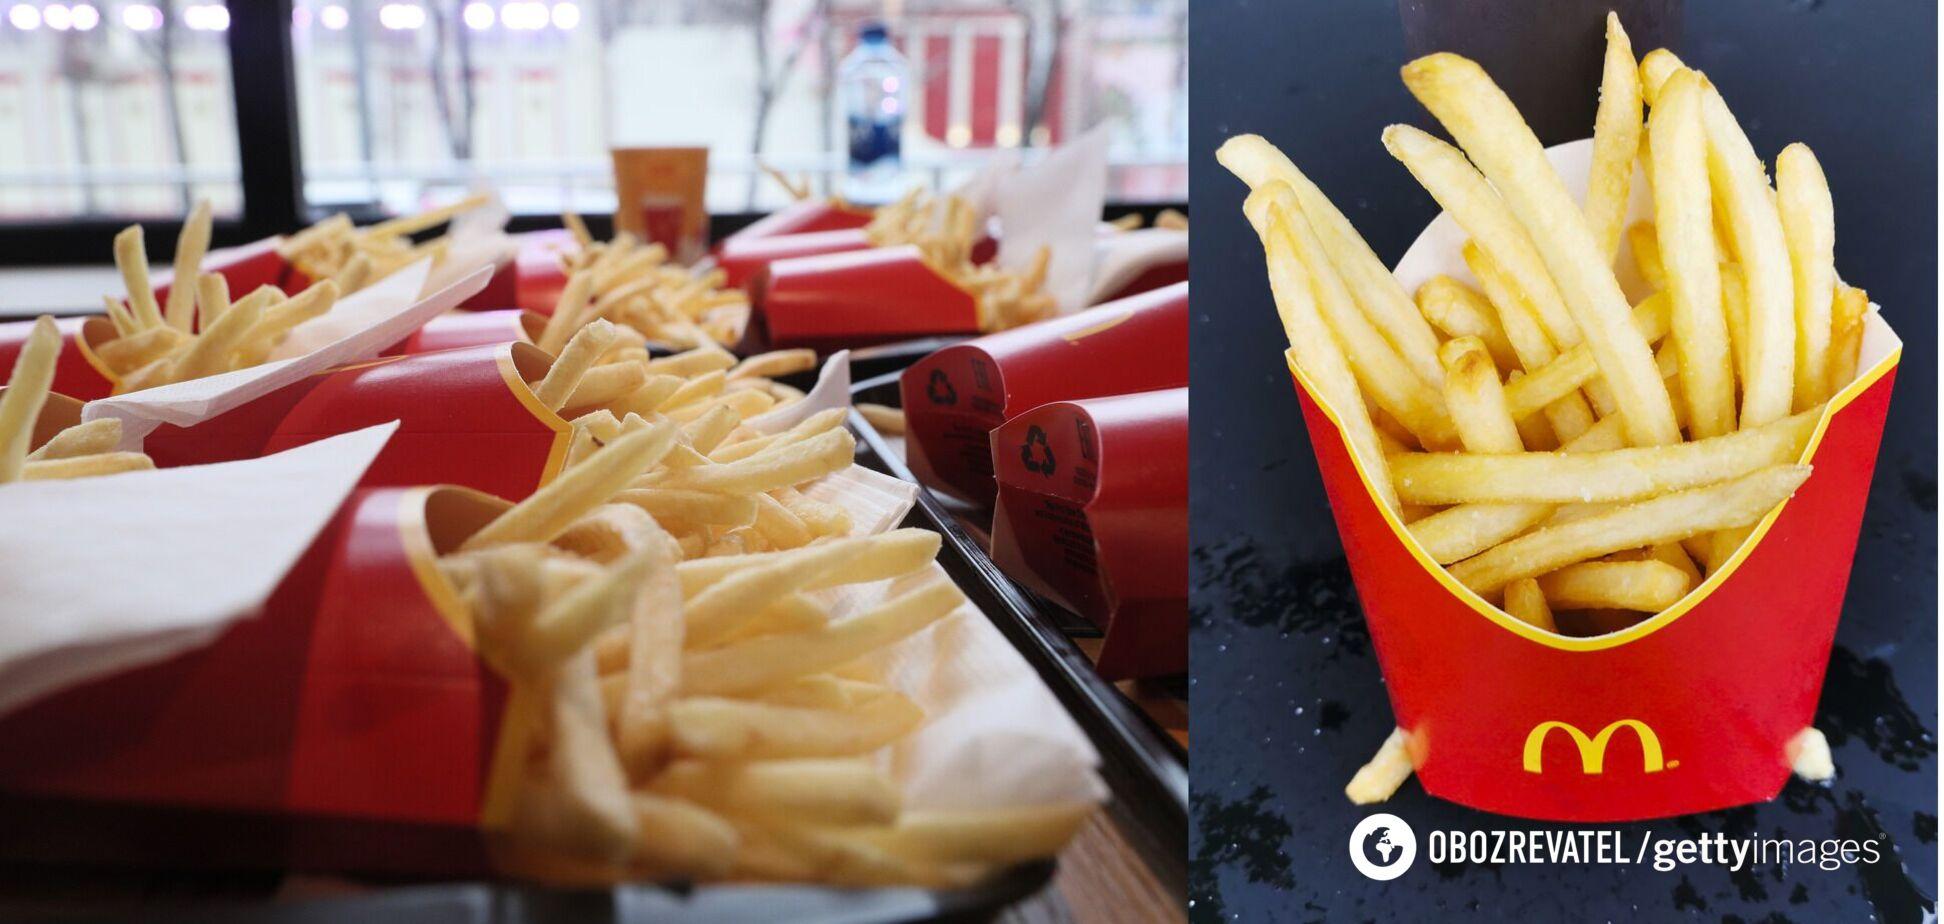 Як донести додому картоплю фрі свіжою: експрацівник McDonald's поділився прийомом